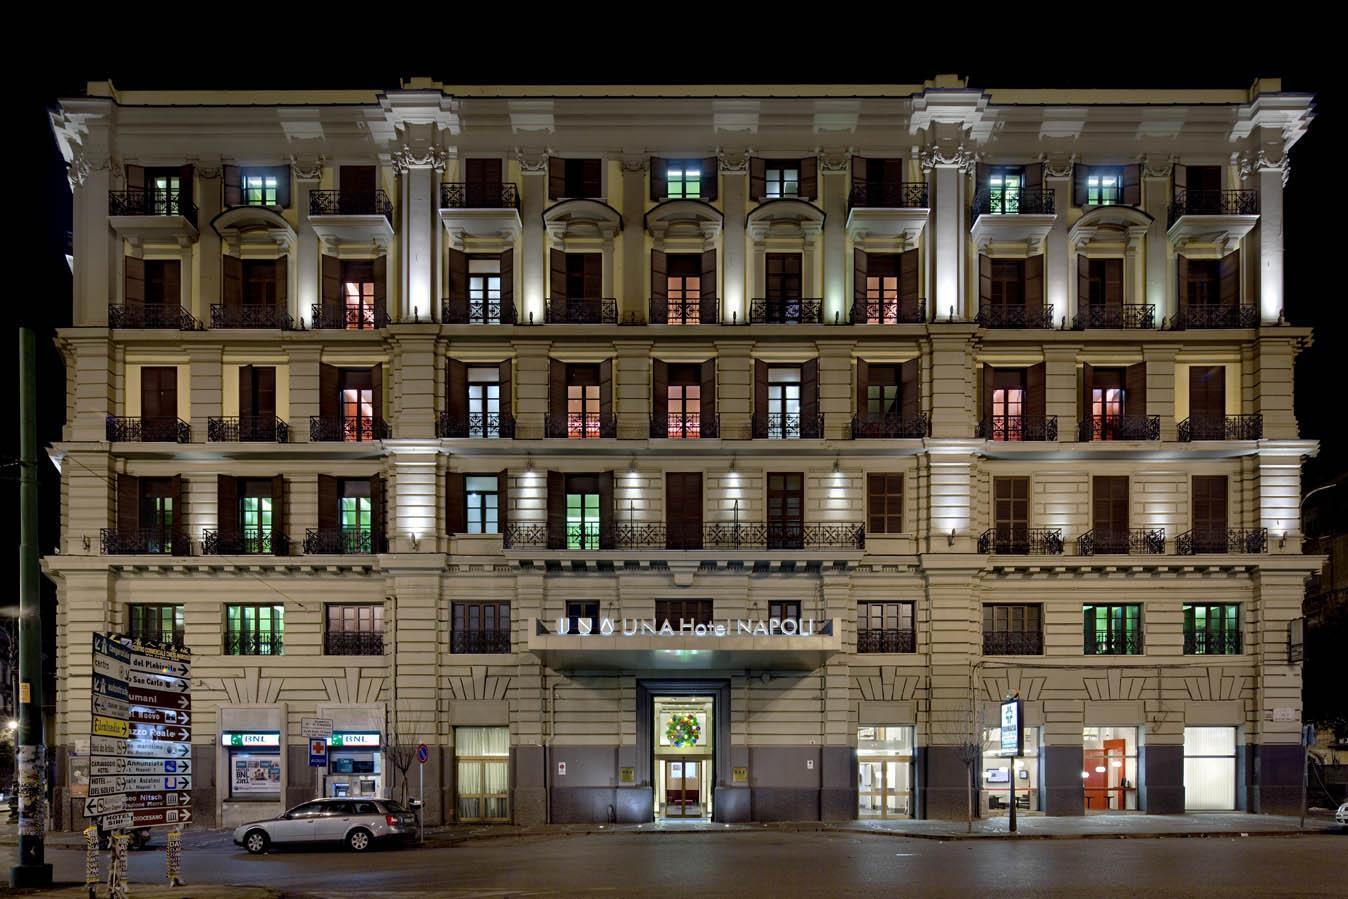 UNAHOTELS Napoli